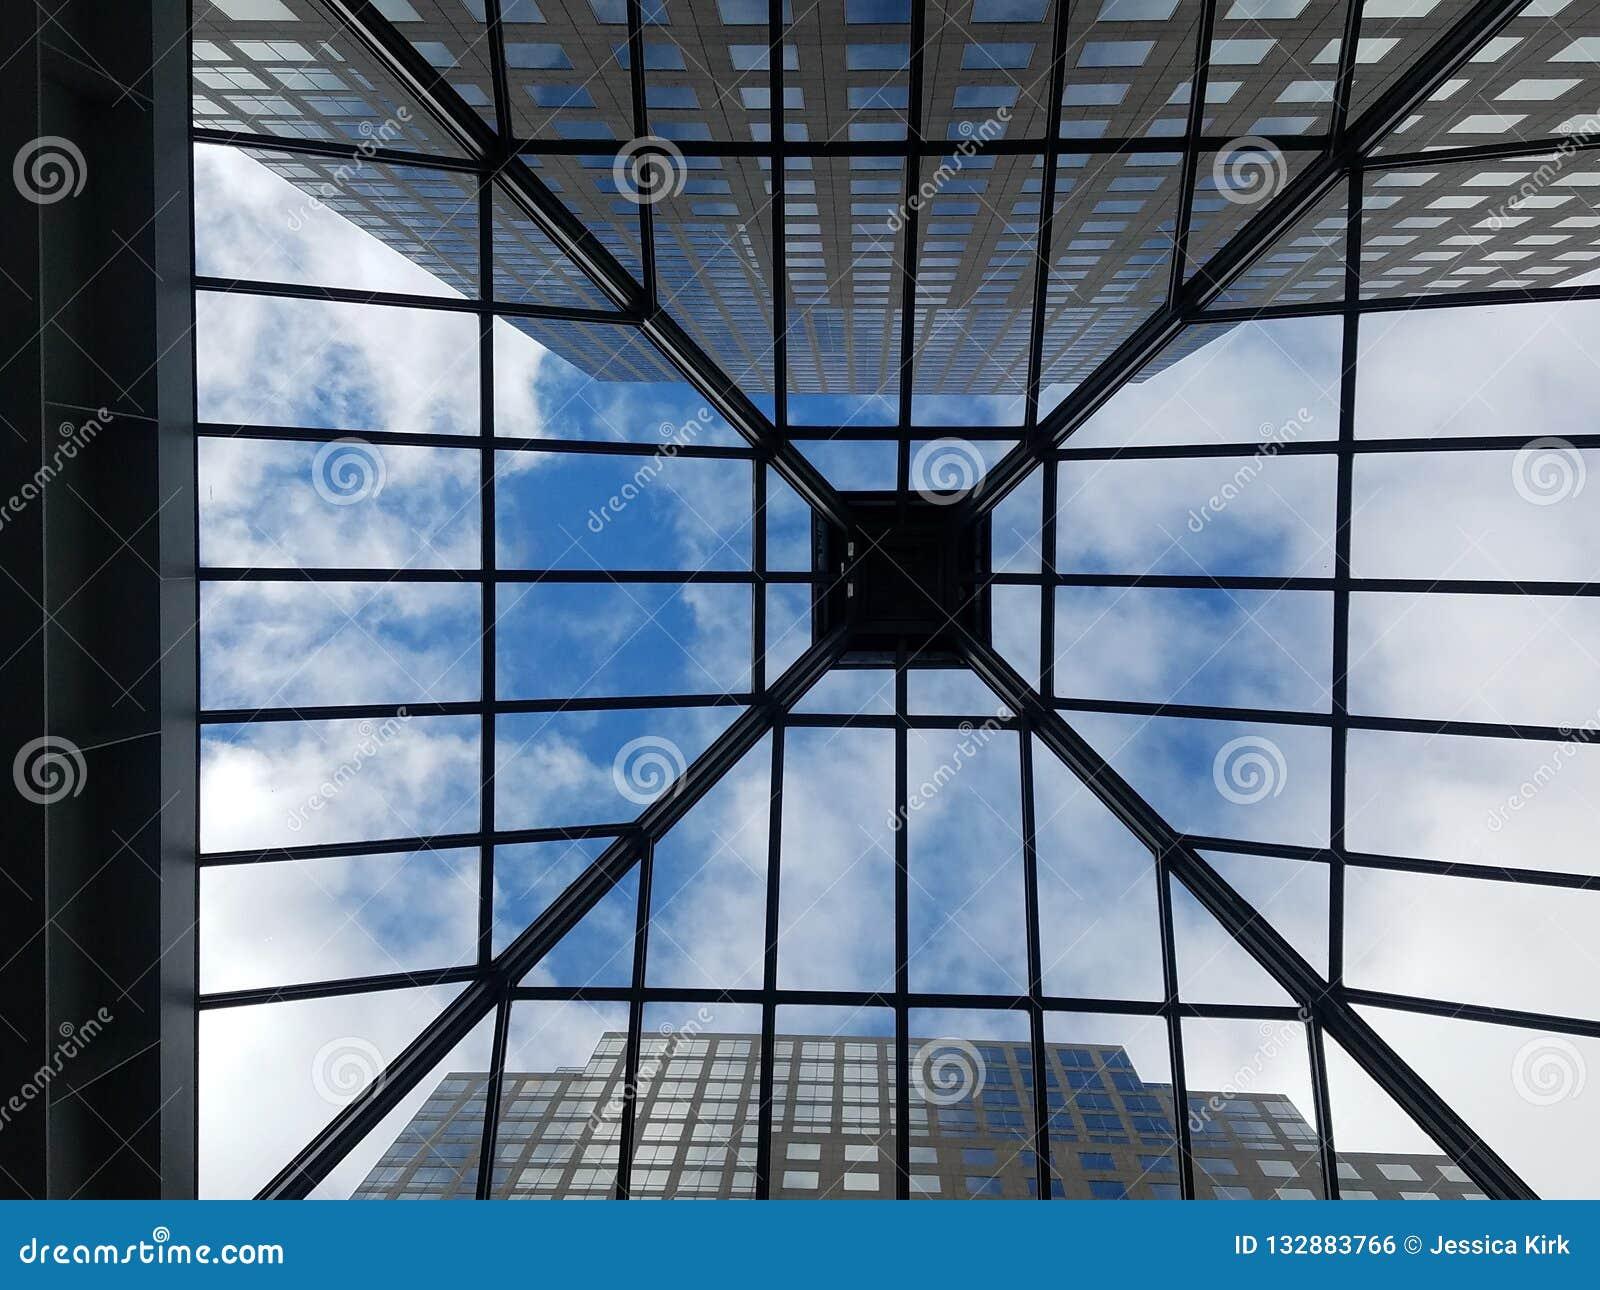 A través del tejado, mirando derecho encima a través del tejado de cristal del atrio los rascacielos